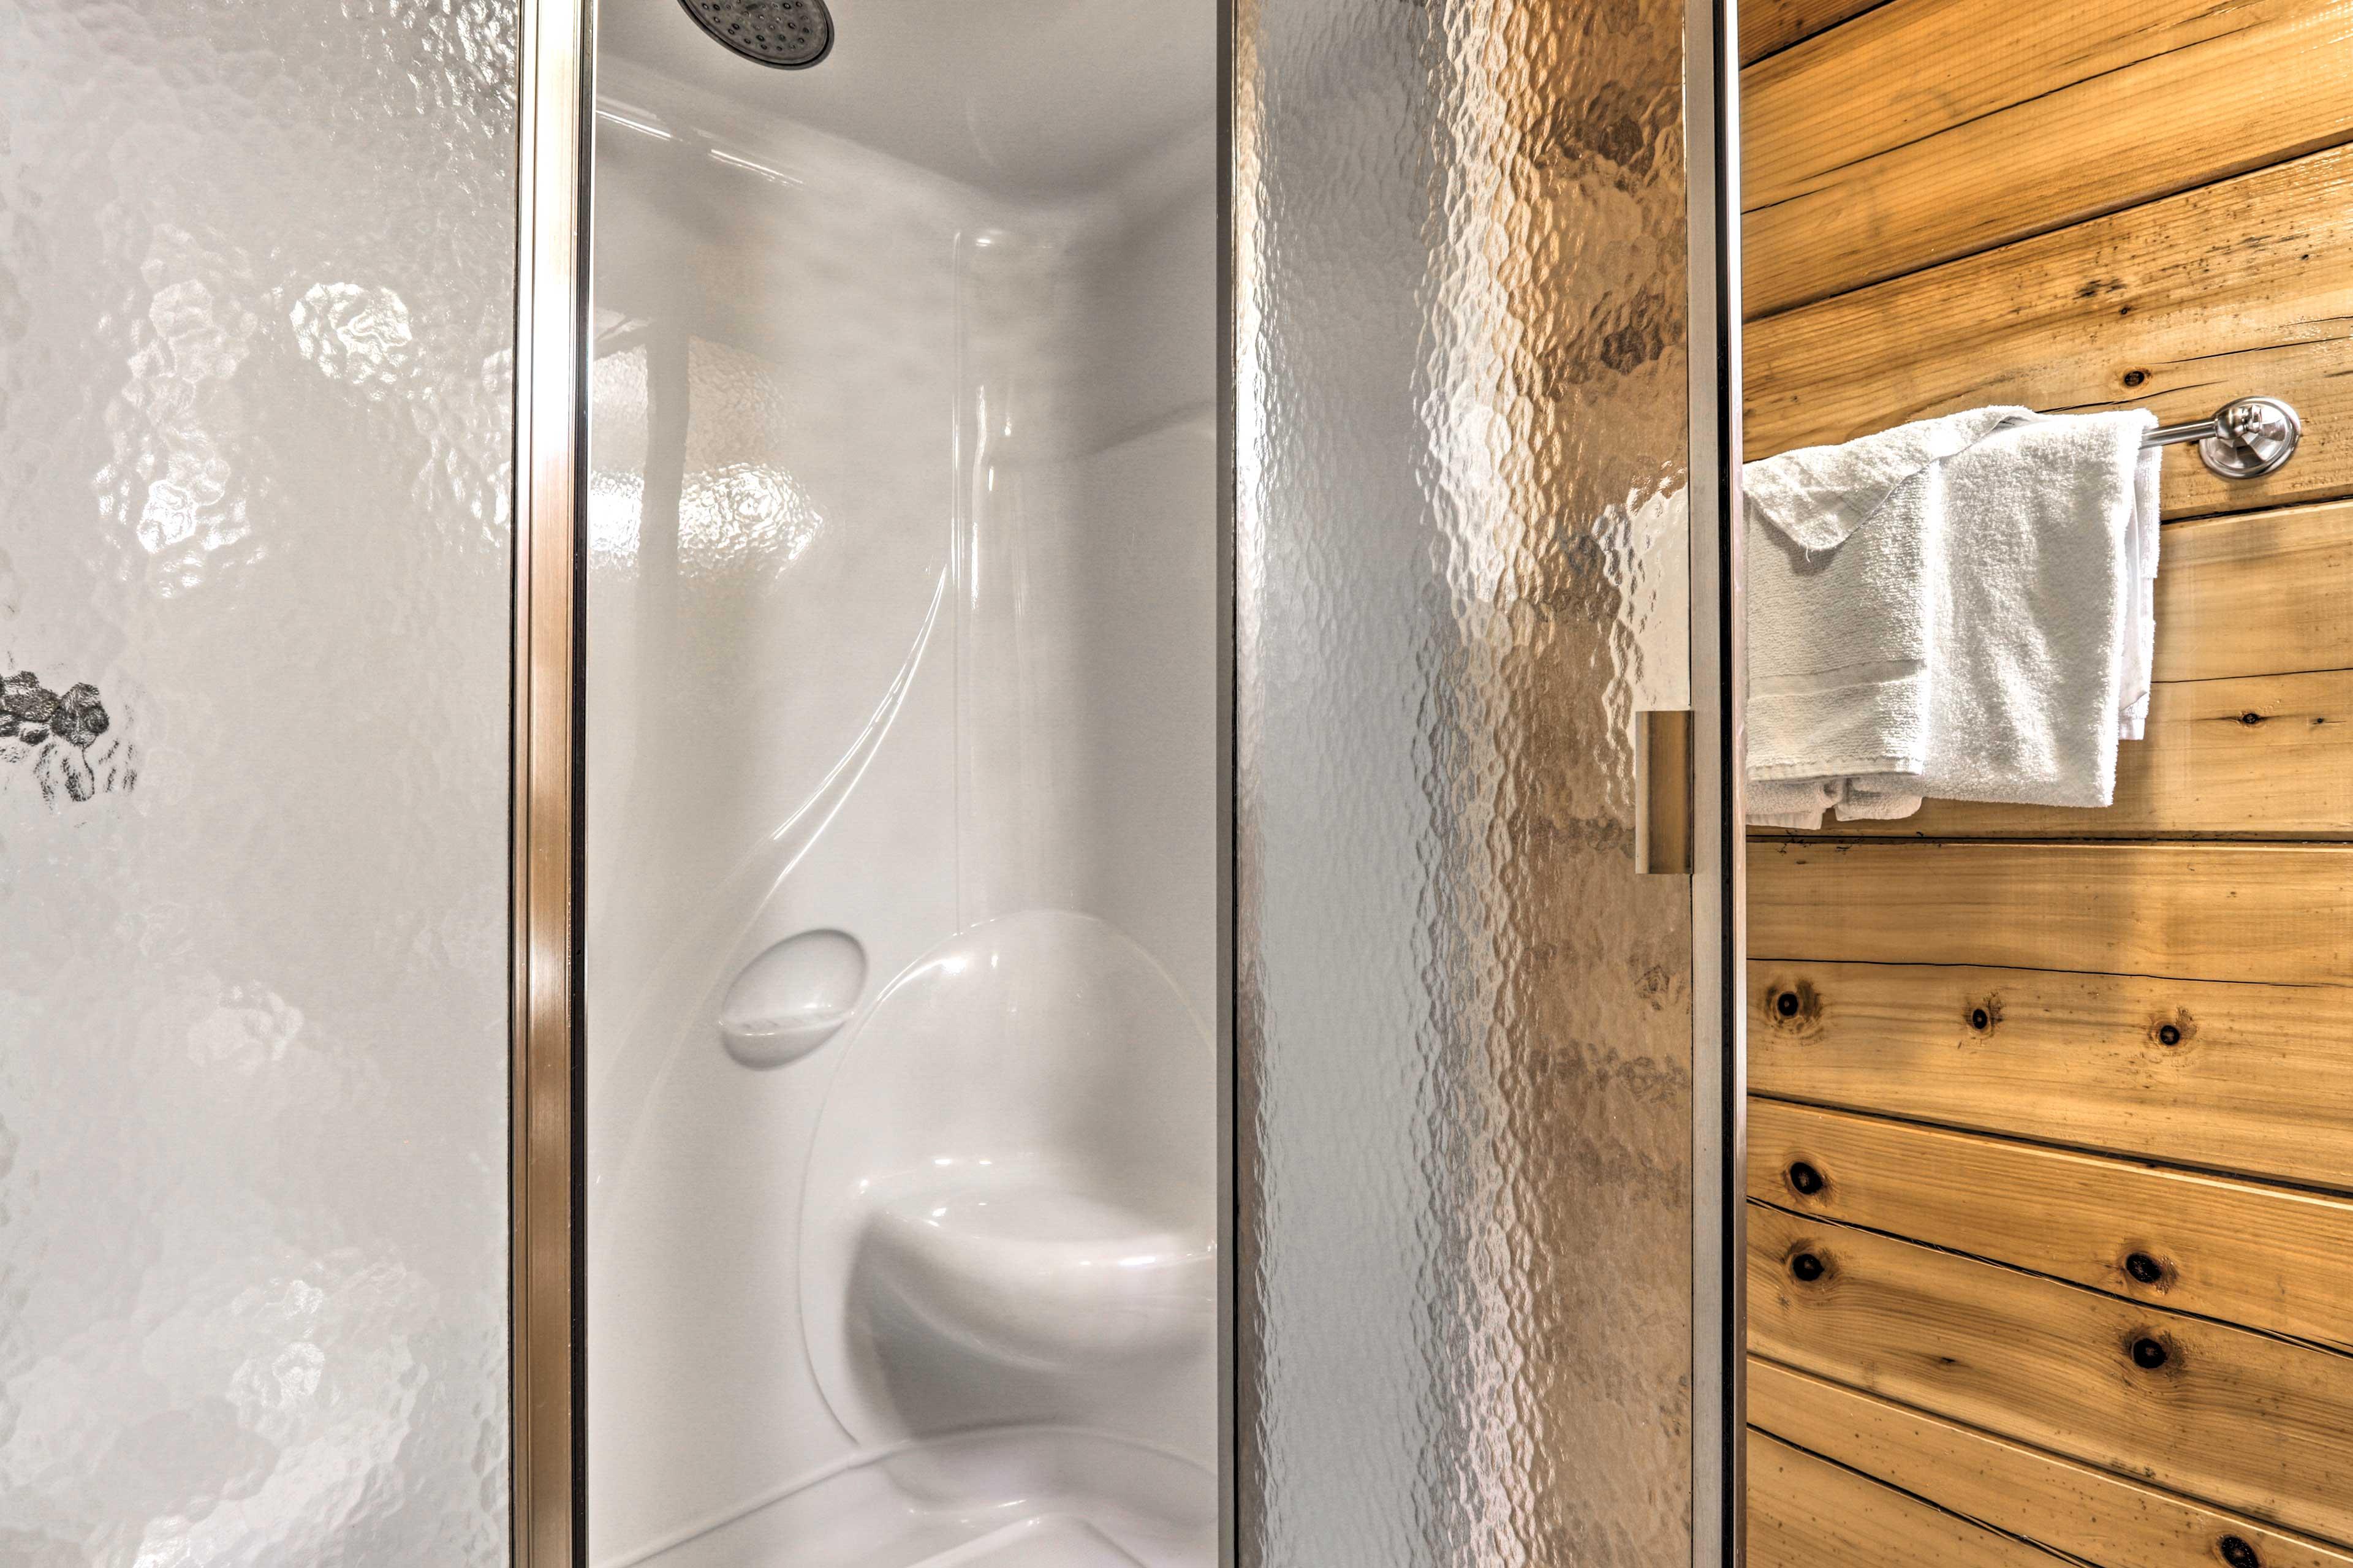 En-Suite Bathroom   Walk-In Shower   Towels Provided